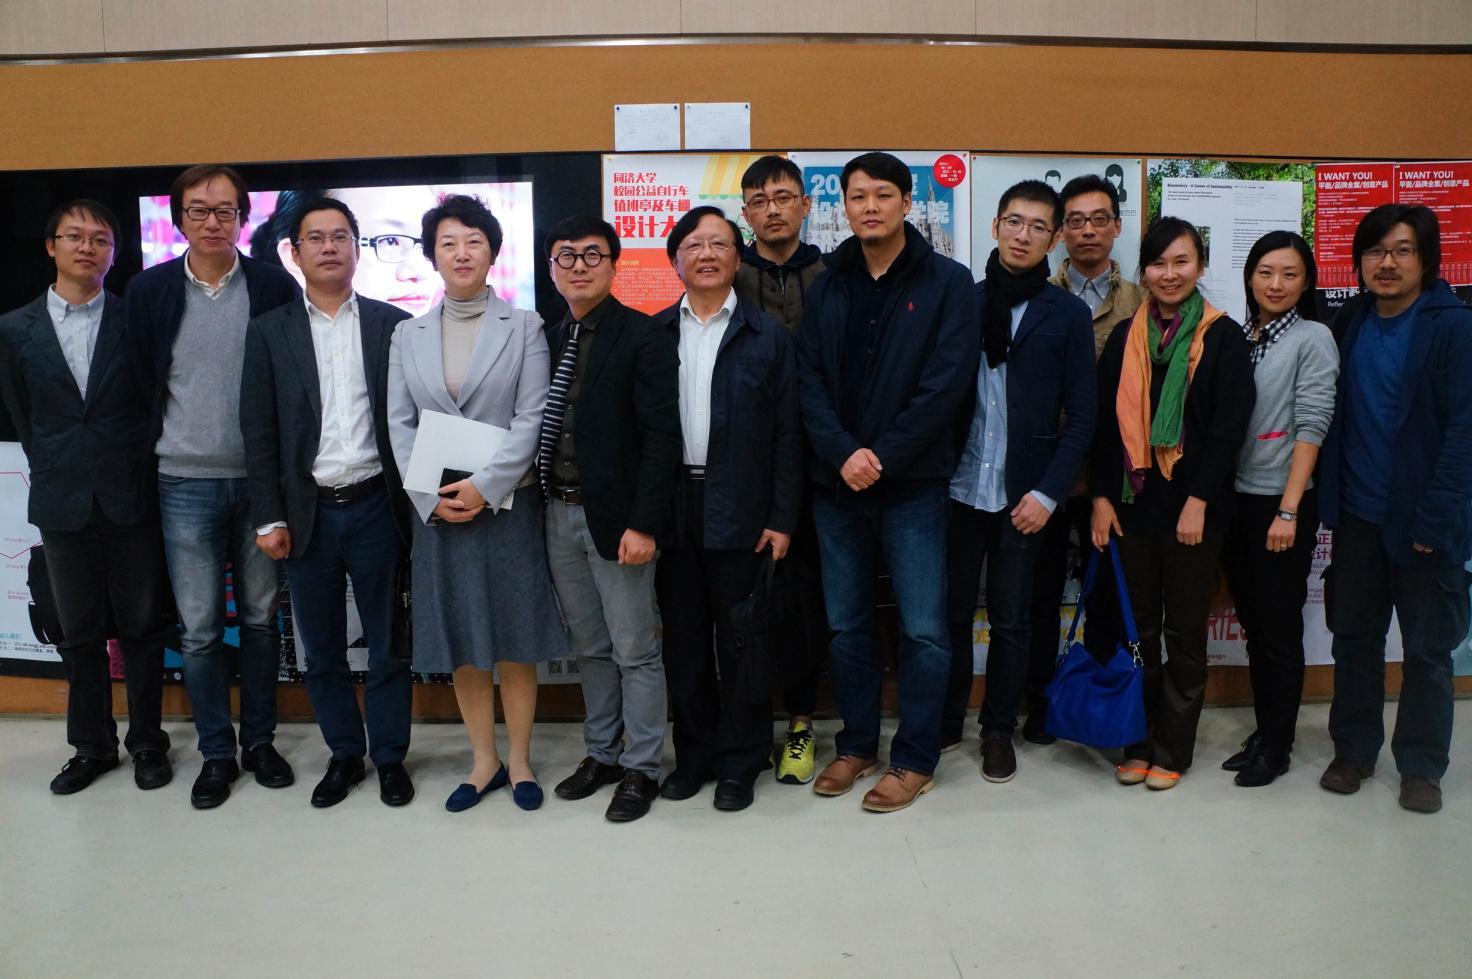 上海临港新城与同济大学设计创意学院战略合作研讨会